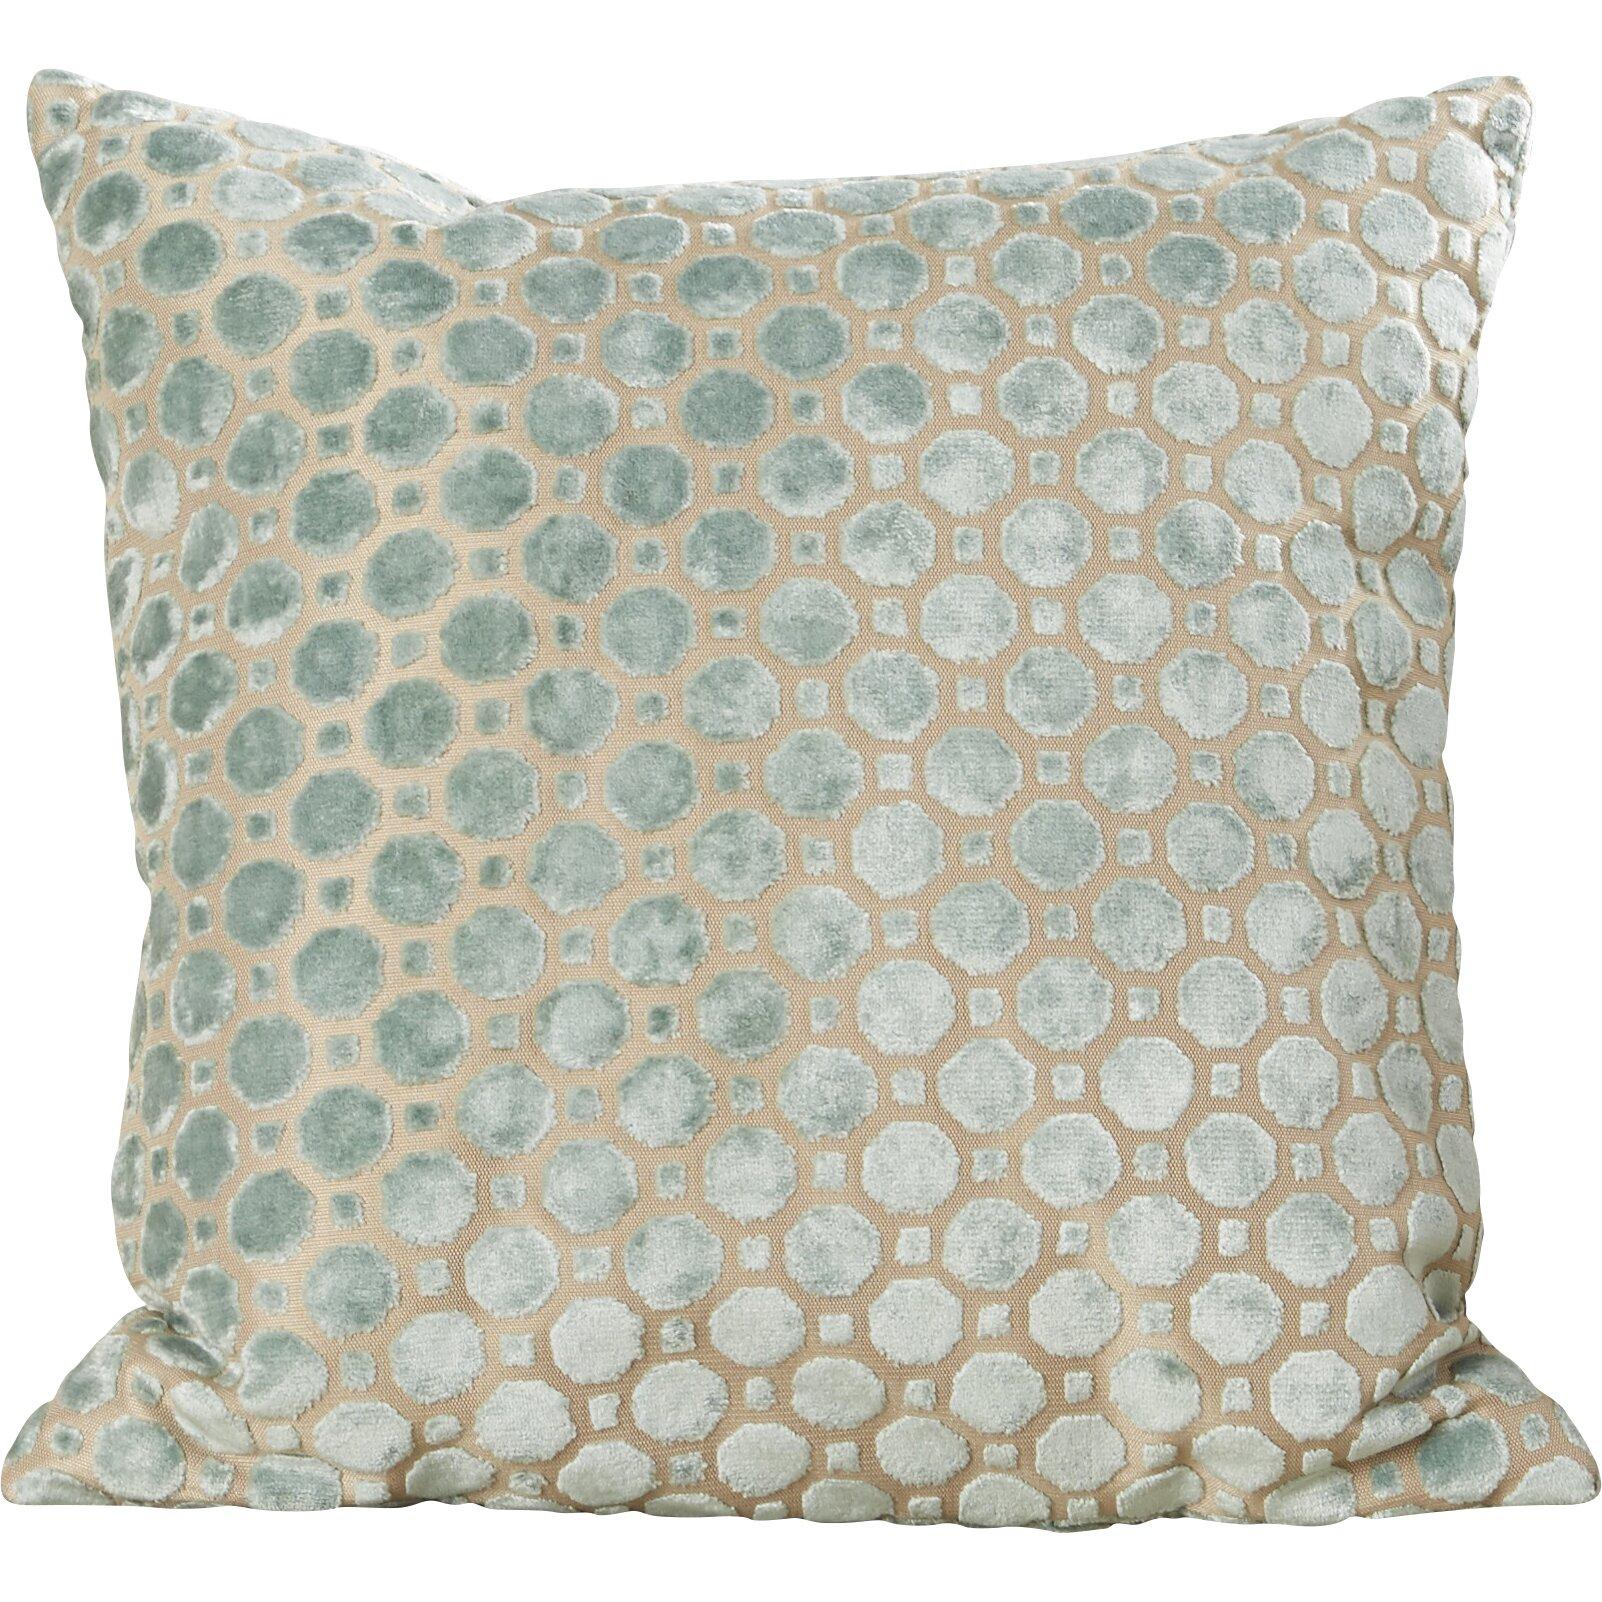 Brown and teal throw pillows - House Of Hampton Alton Geometric Velvet Throw Pillow